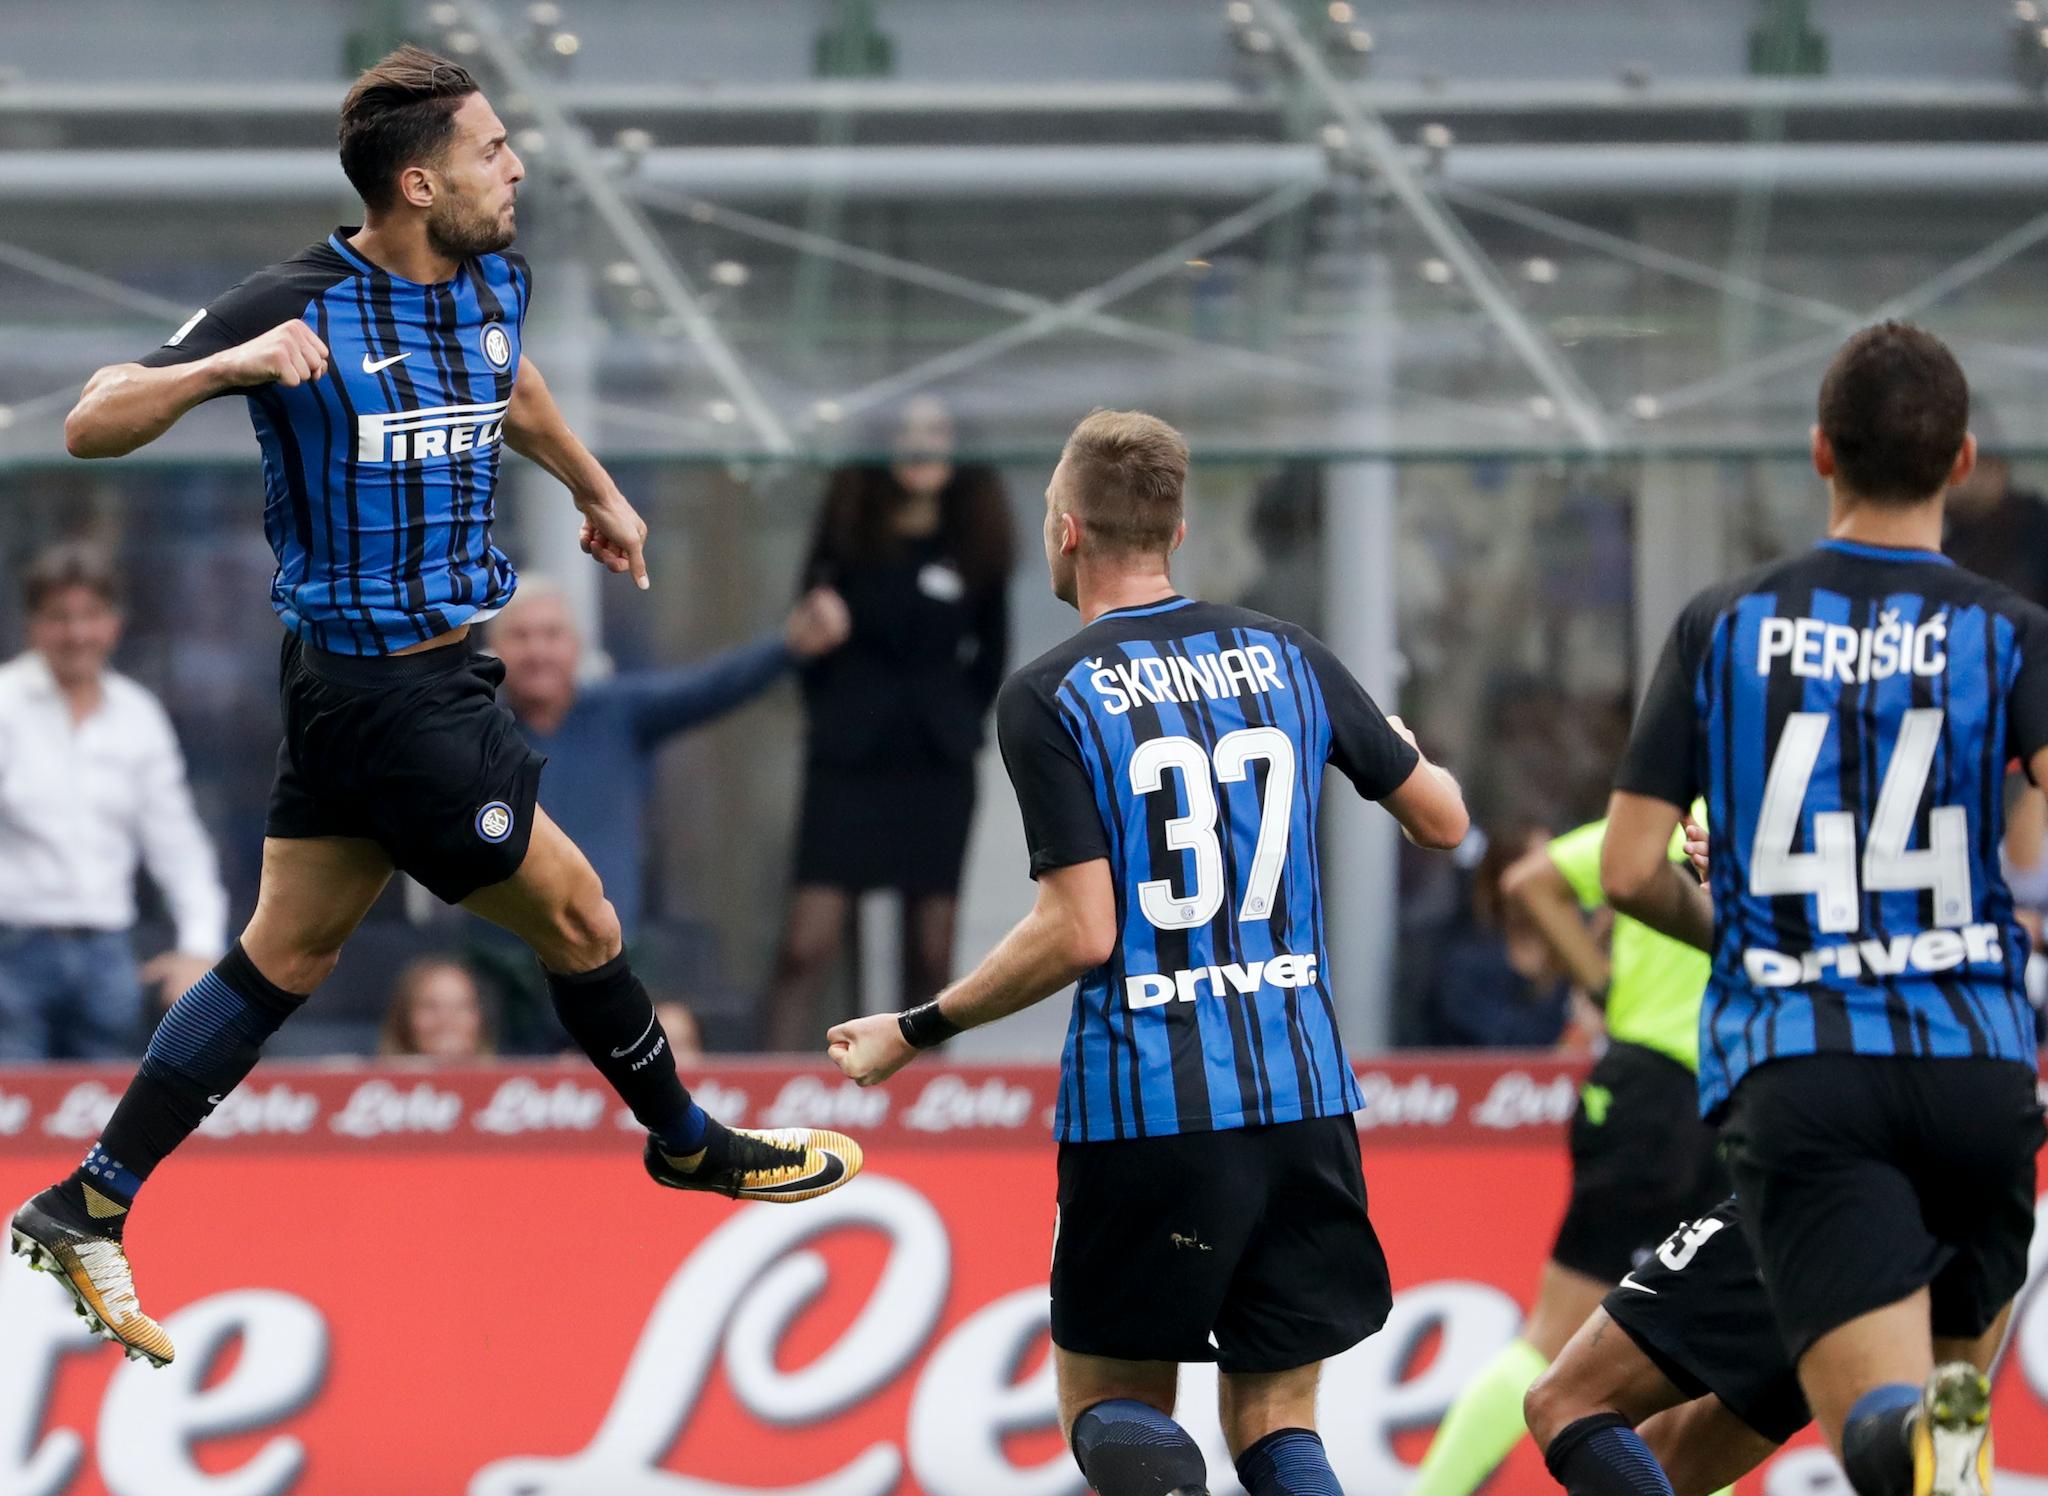 Inter afviser Manchester United-byttehandel